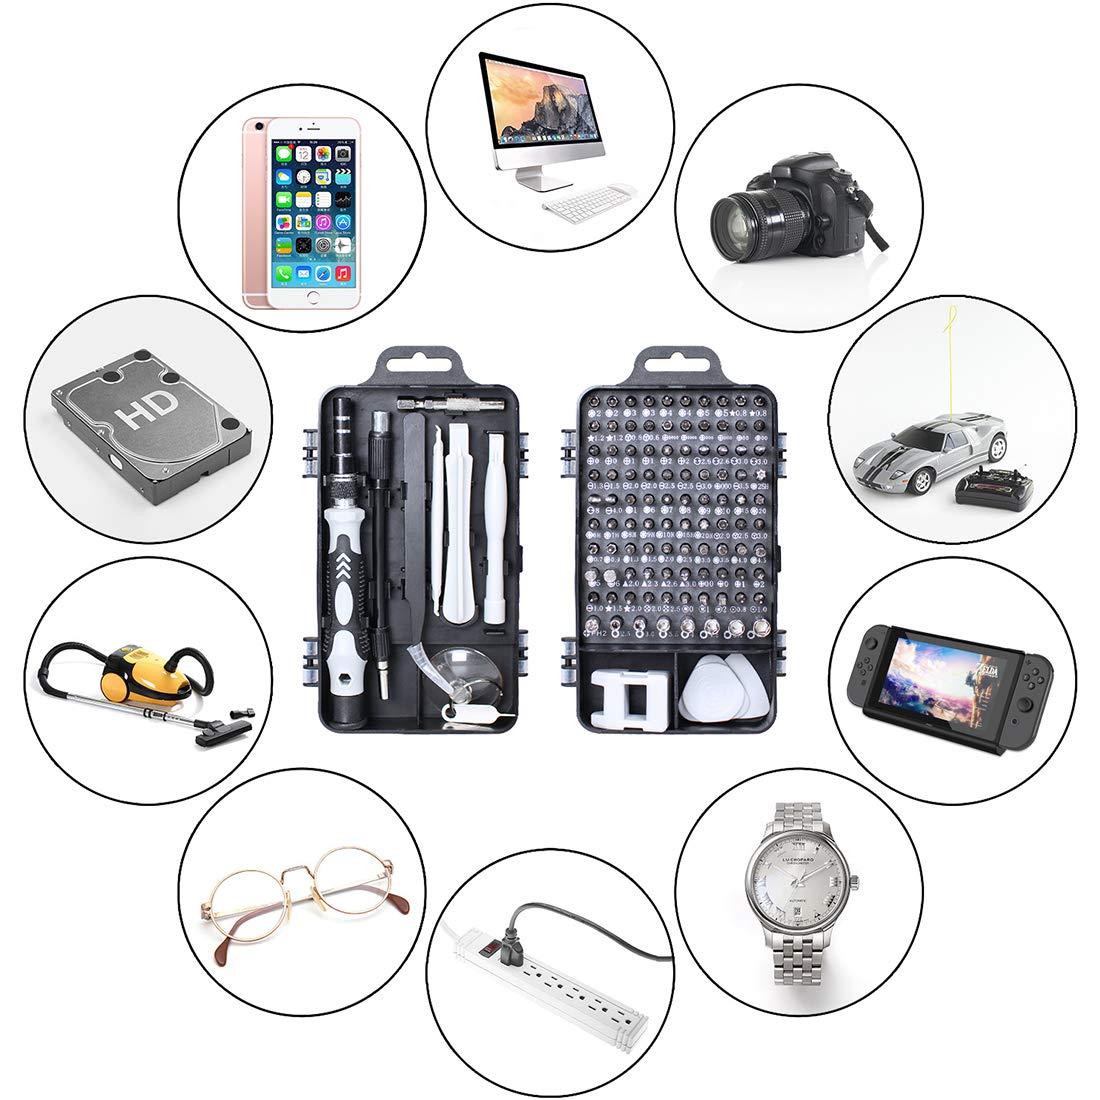 Gocheer 115 en 1 mini set tournevis precision kit tools petit boite tournevis torx informatique demontage pc portable pour macbook,iphone,réparation,lunettes,bricolage,montre,smartphone